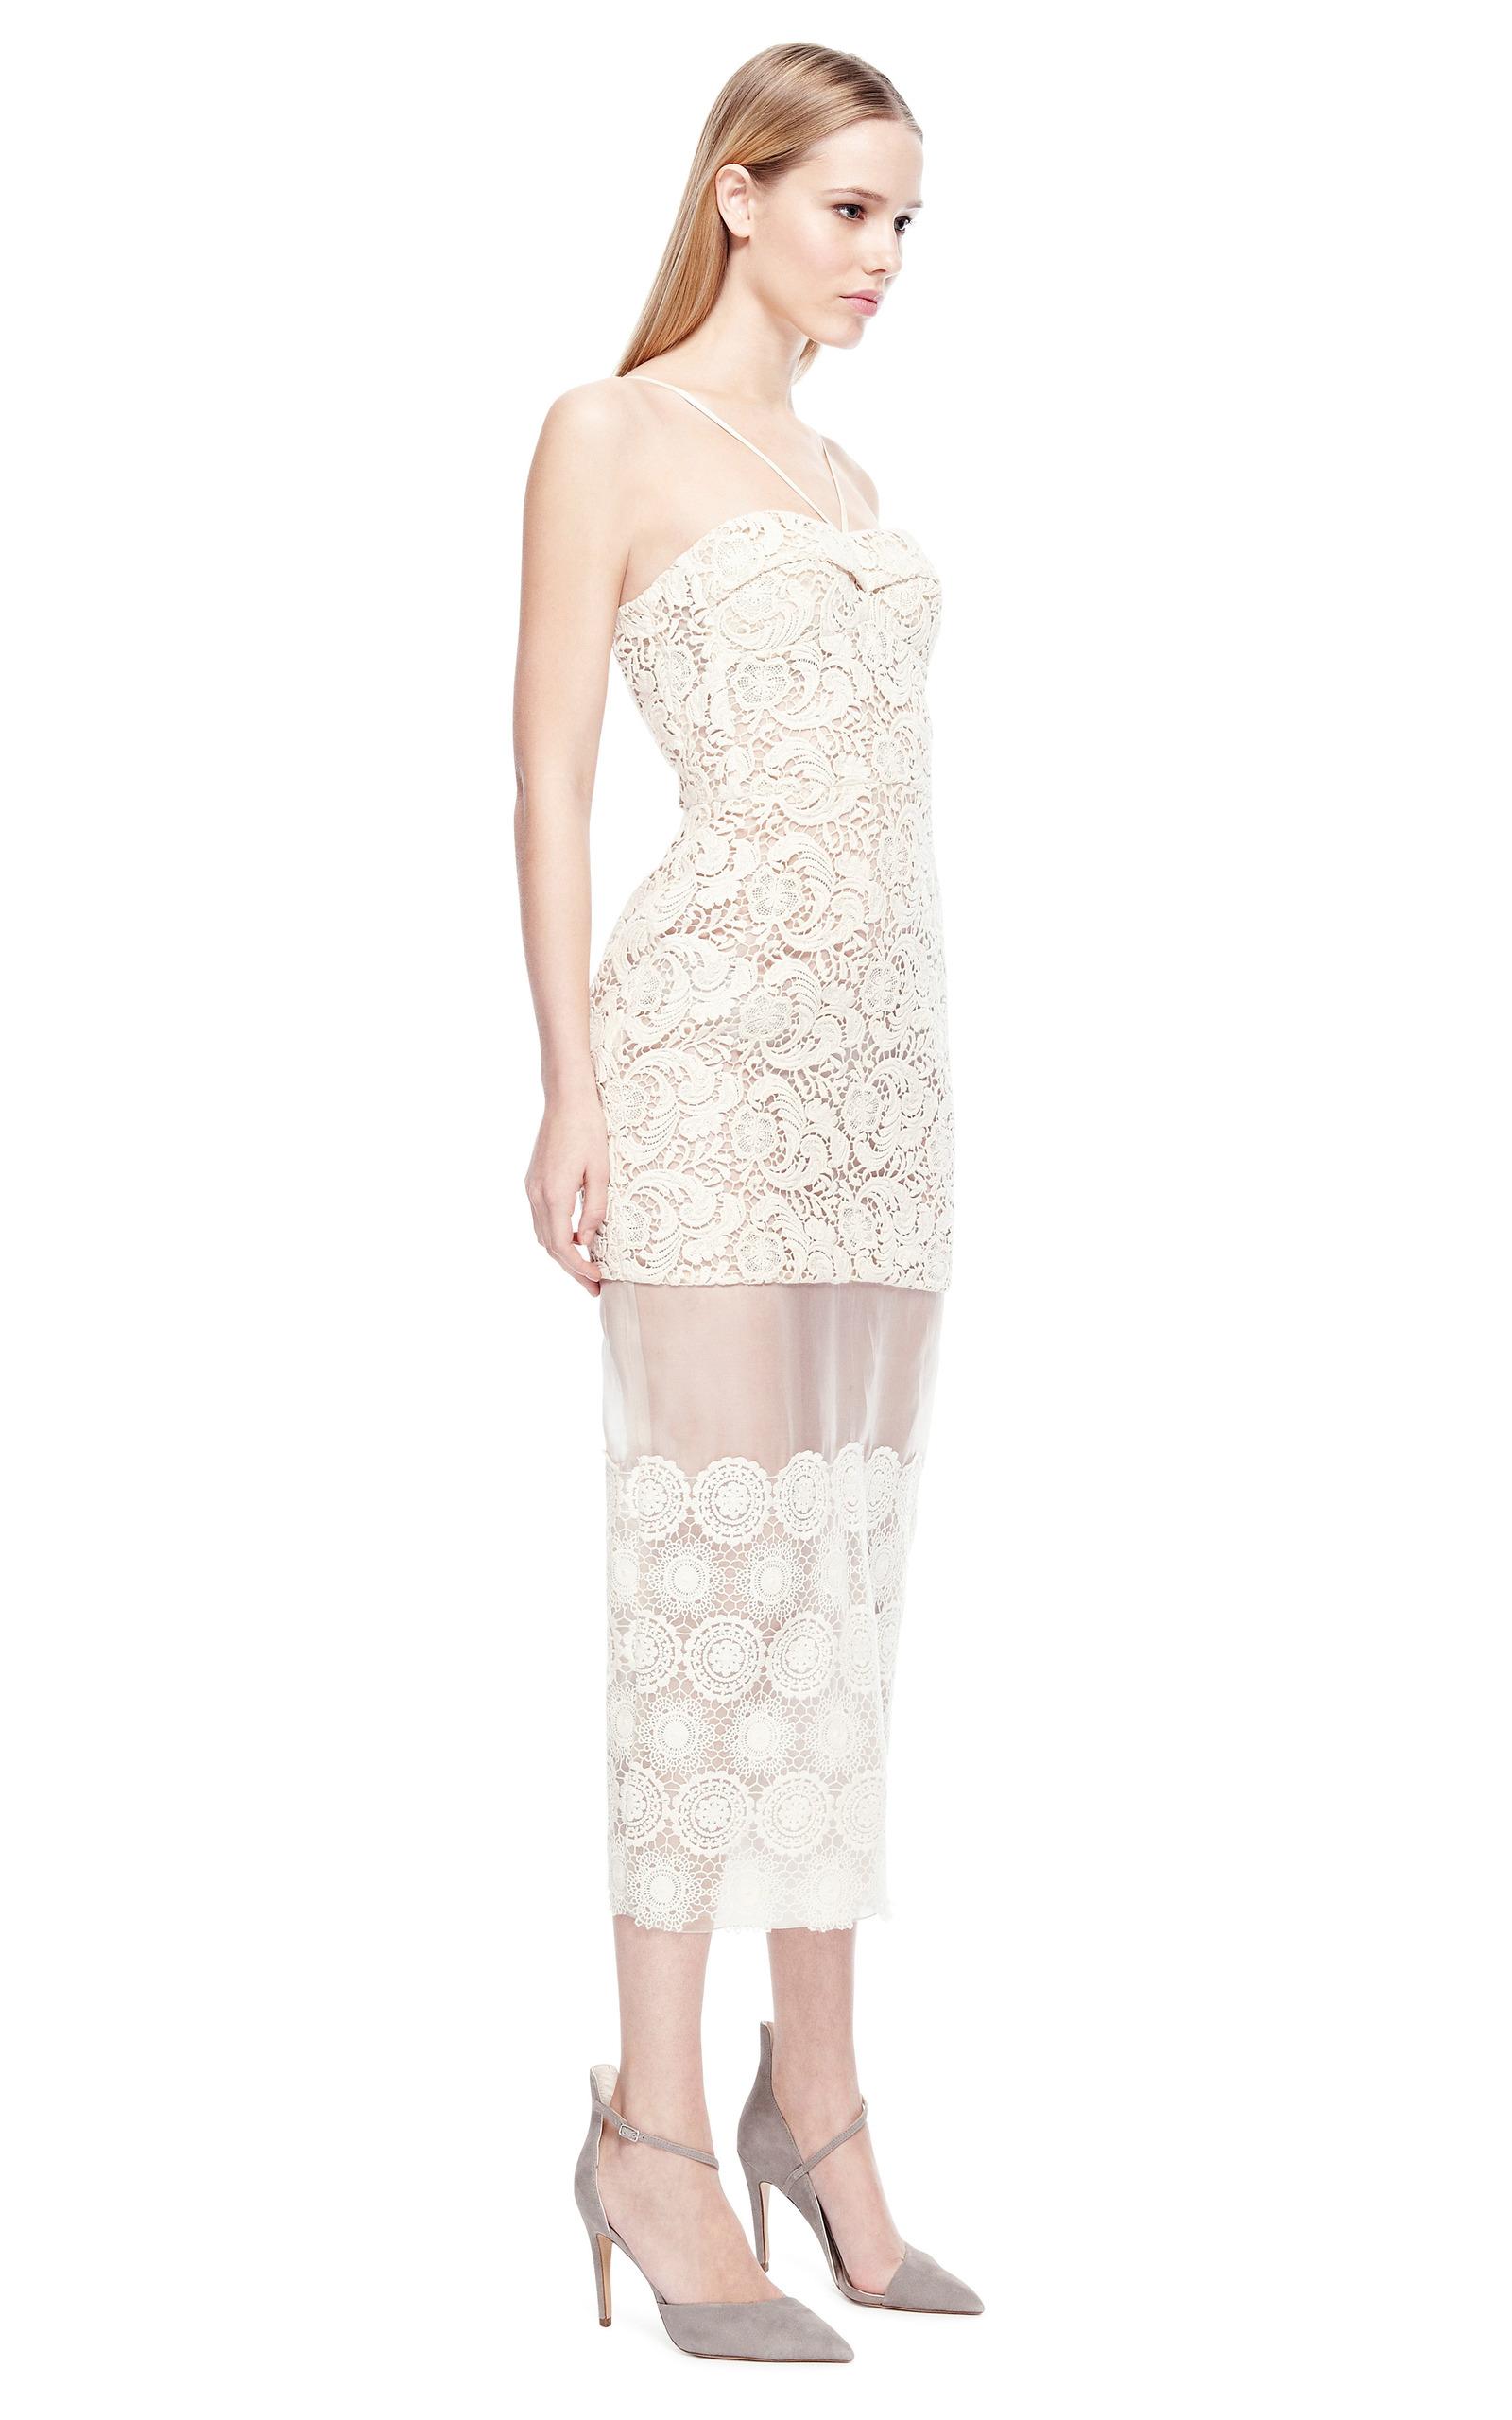 Ivory Lace And Organza Dress by Ruban  Moda Operandi